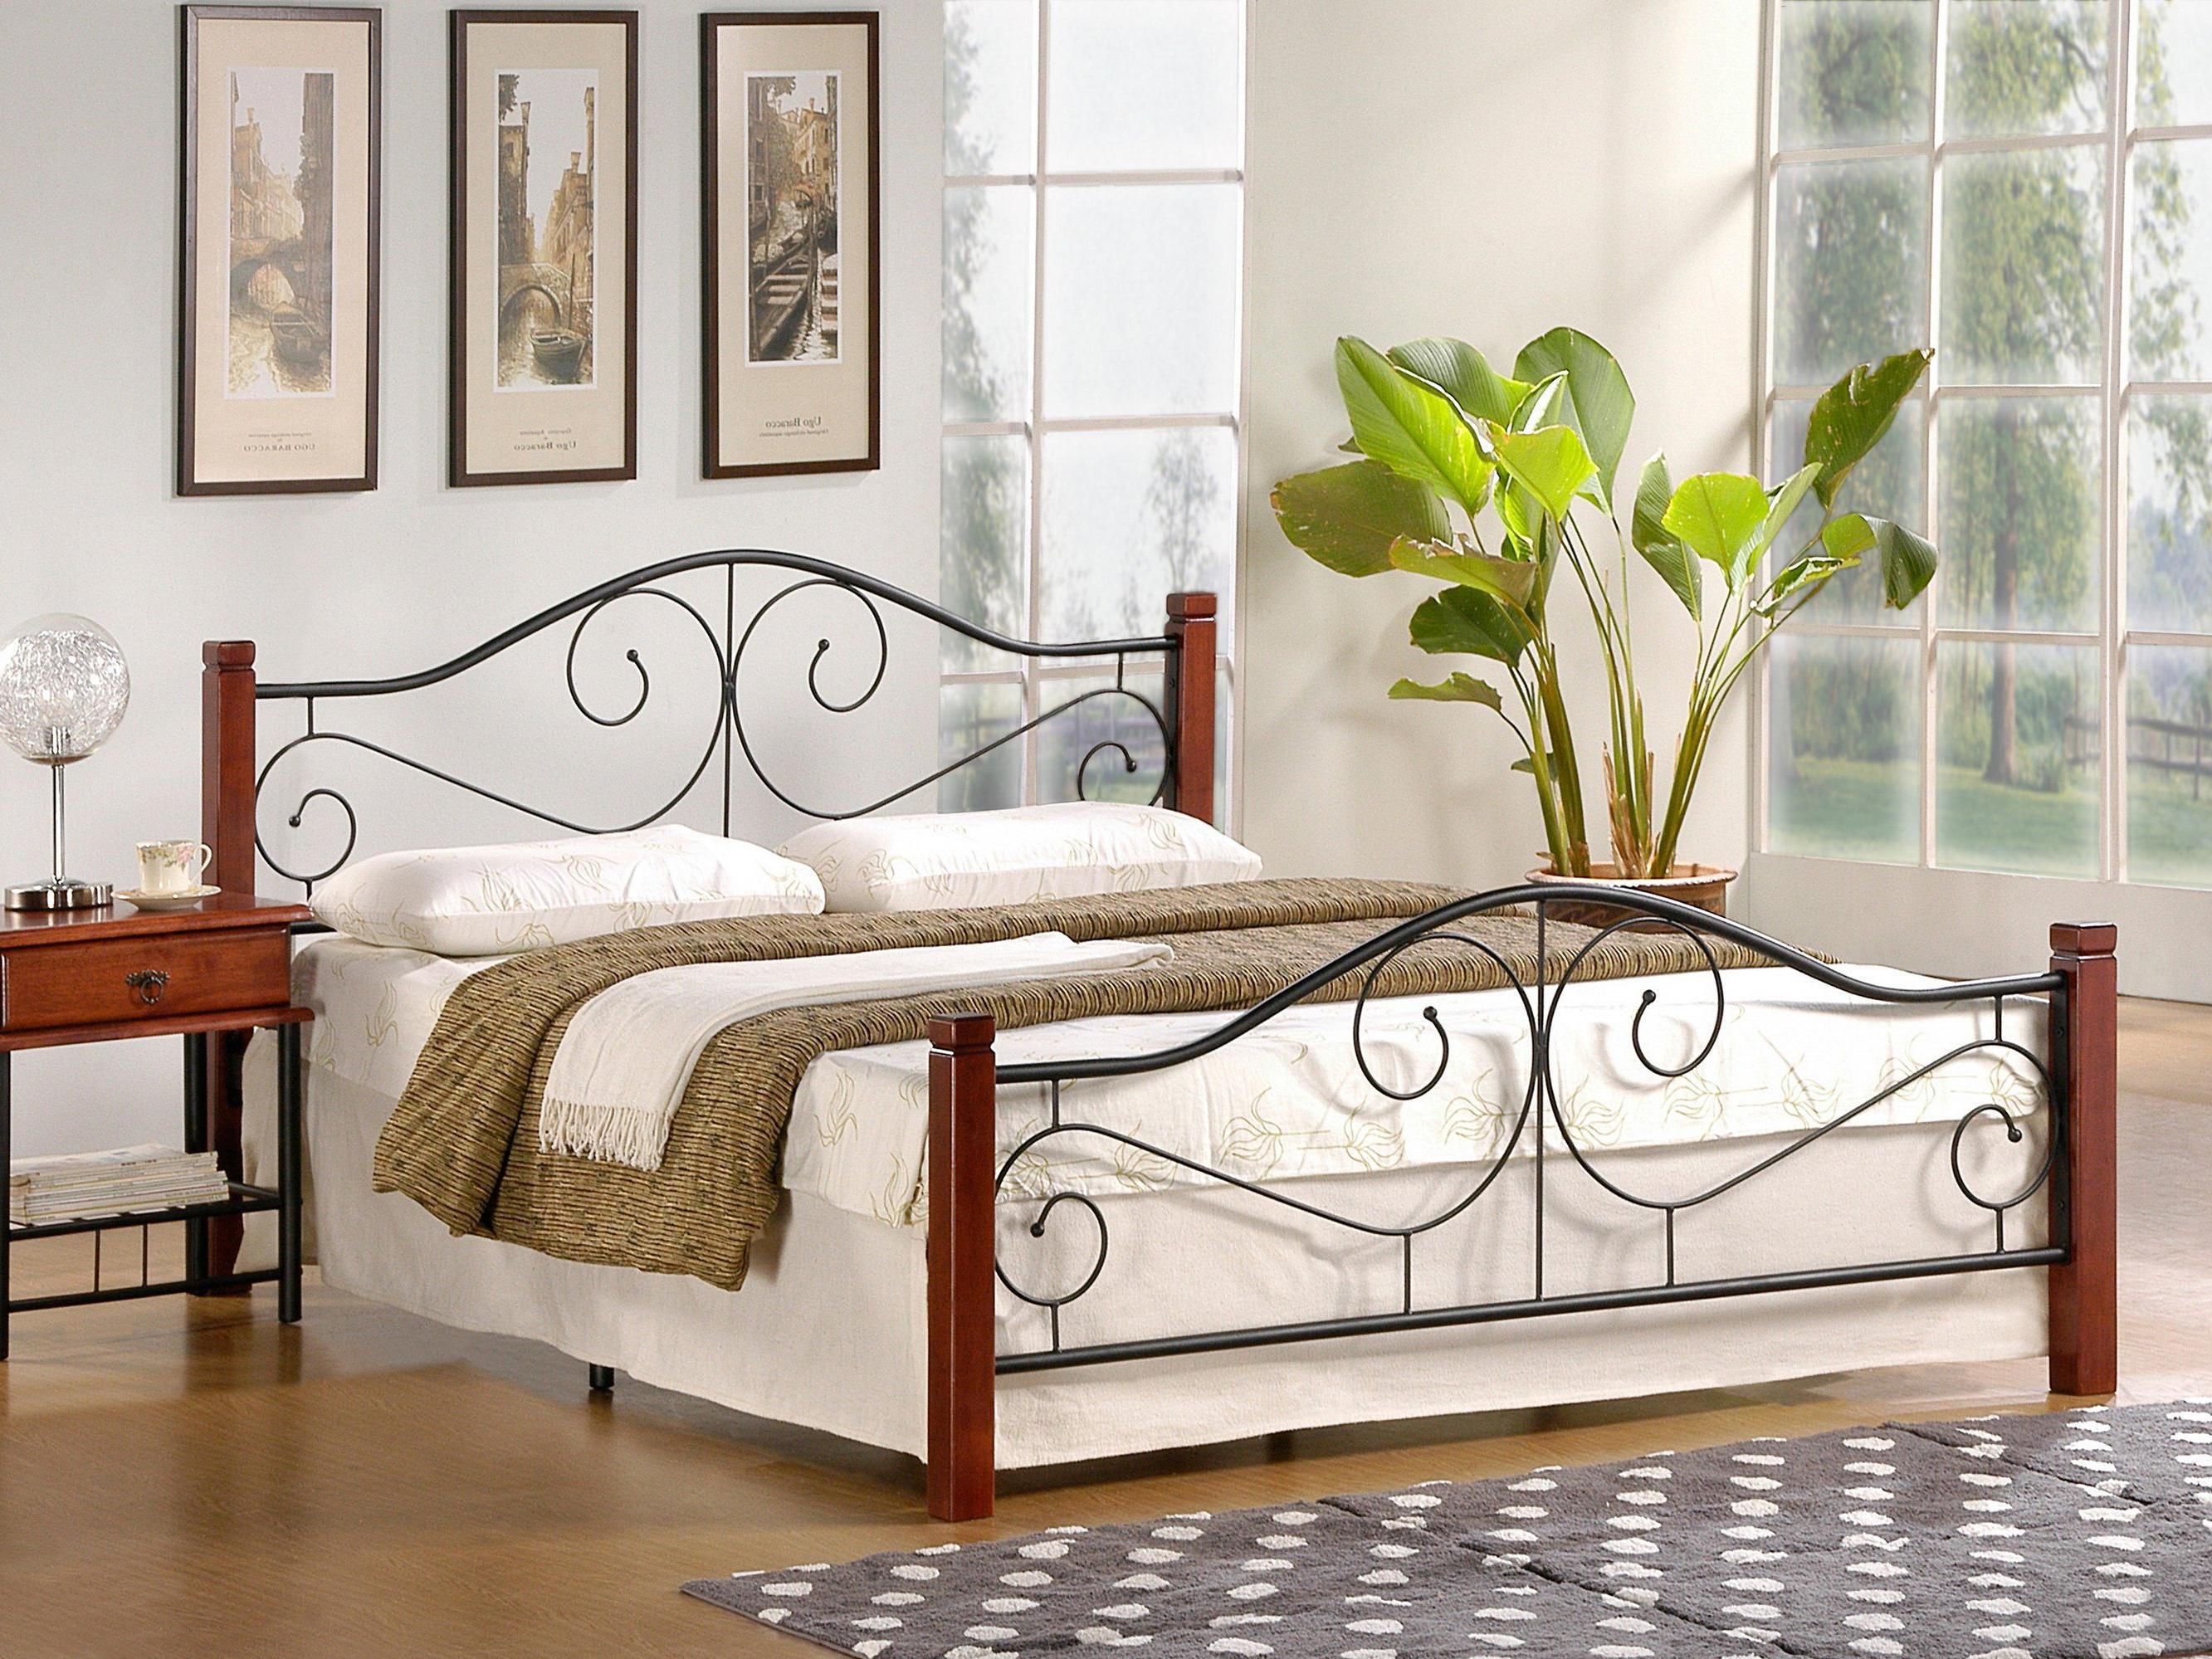 Manželská posteľ 160 cm - Halmar - Violetta (s roštom)